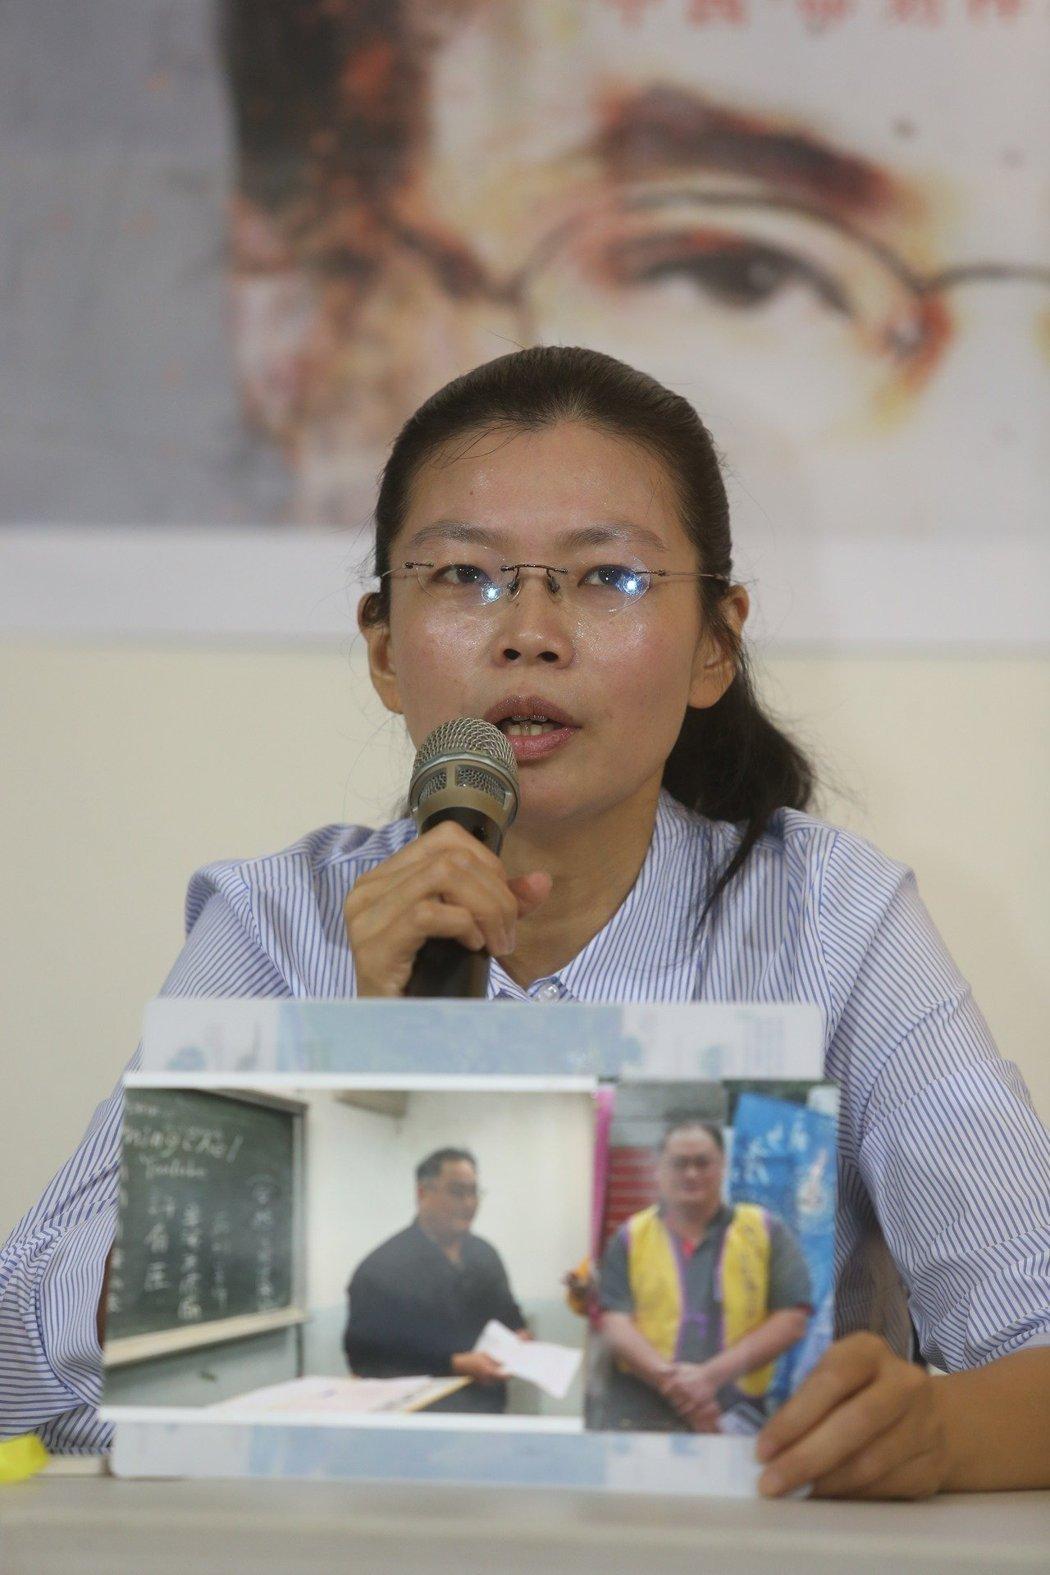 马来西亚交通部长:将要求严惩MH17空难肇事者